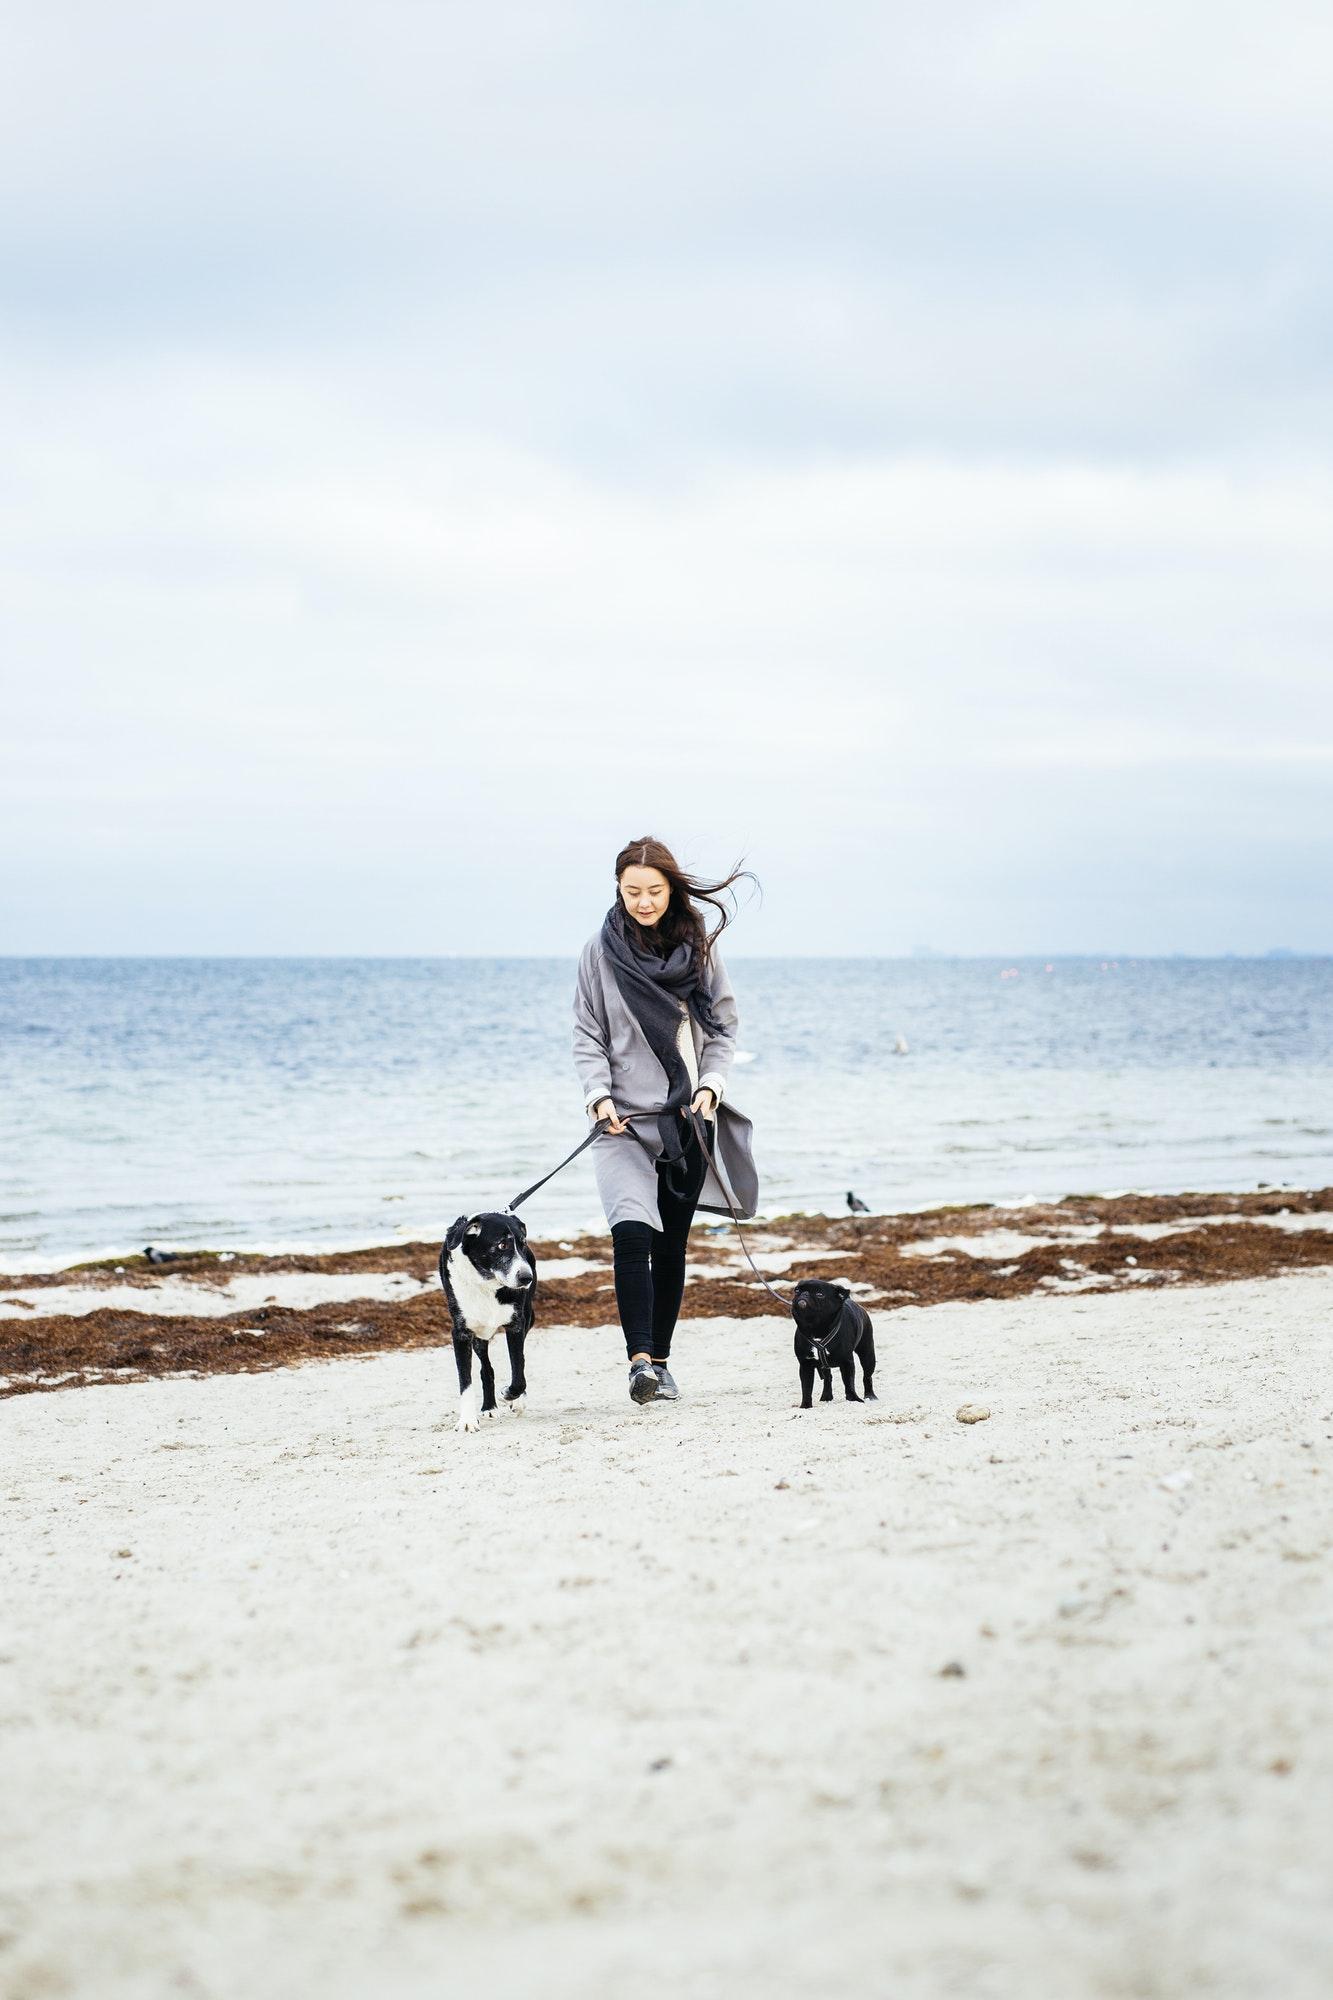 Søger du f.eks. hundetræning Hellerup, hvalpetræning Charlottenlund eller hvalpetræning Hellerup? Læs hvad Hunde-Livs hundetræner tilbyder her